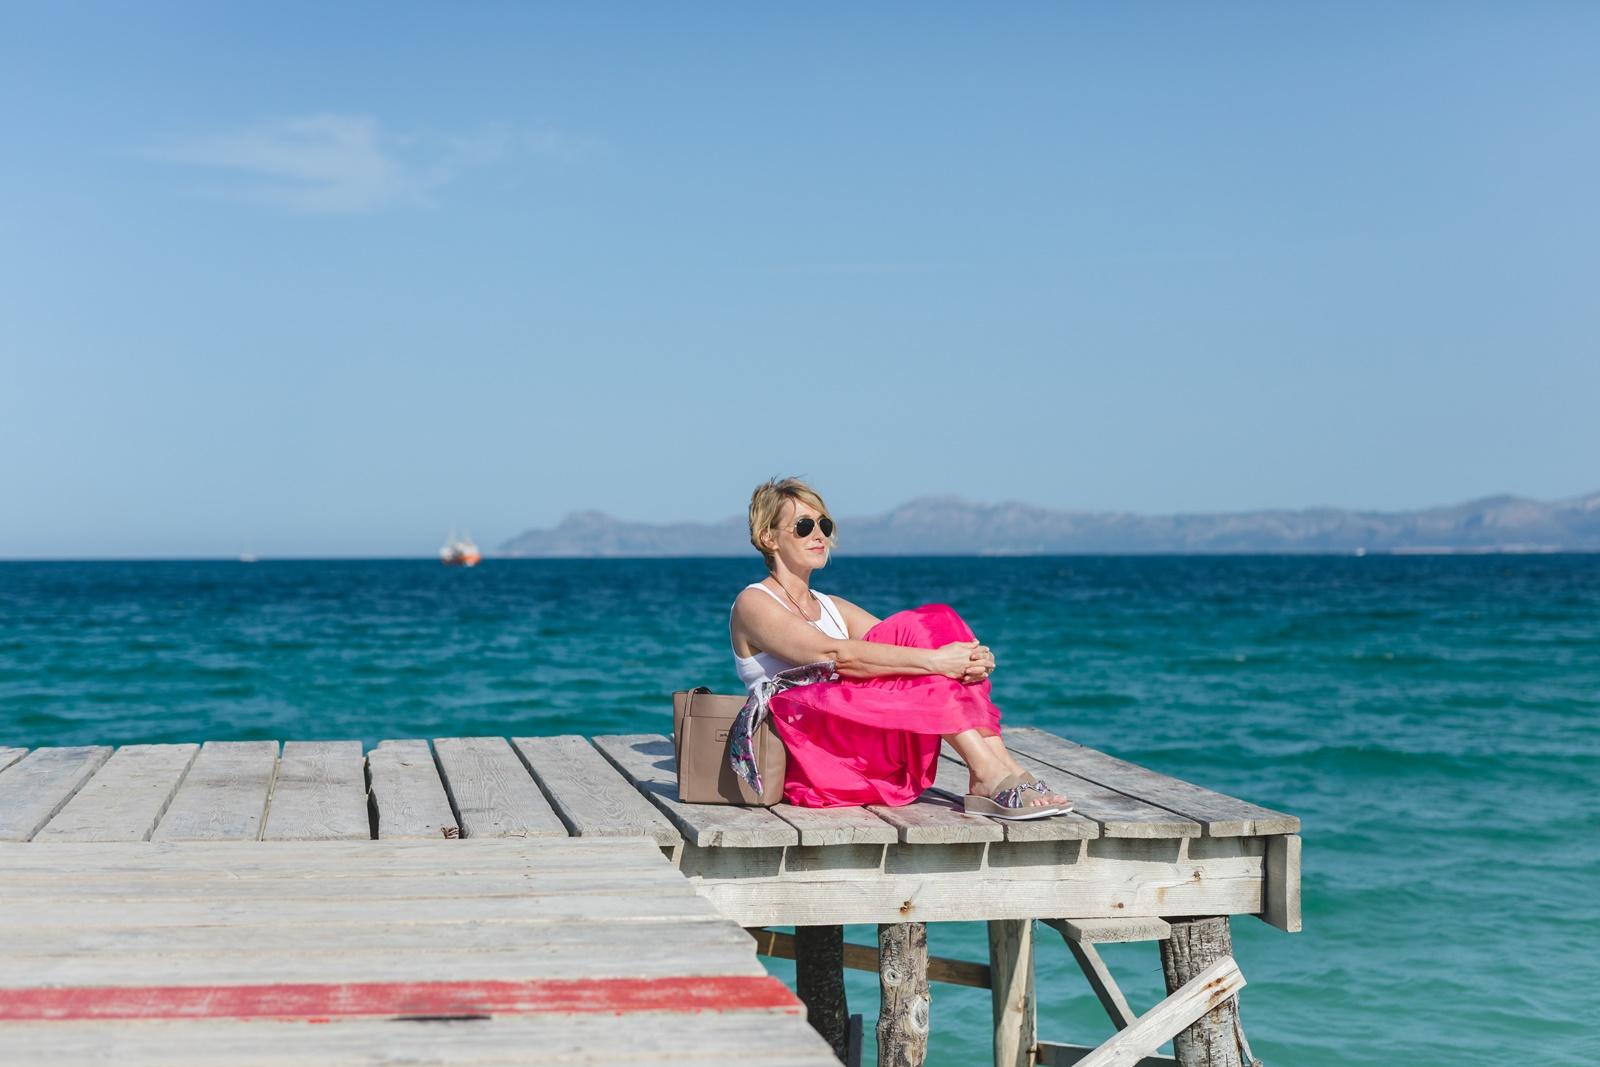 glamupyourlifestyle sommerschuhe ara-shoes ara-sandalen Mallorca ü40-blog ü50-blog bequeme-sommerschuhe